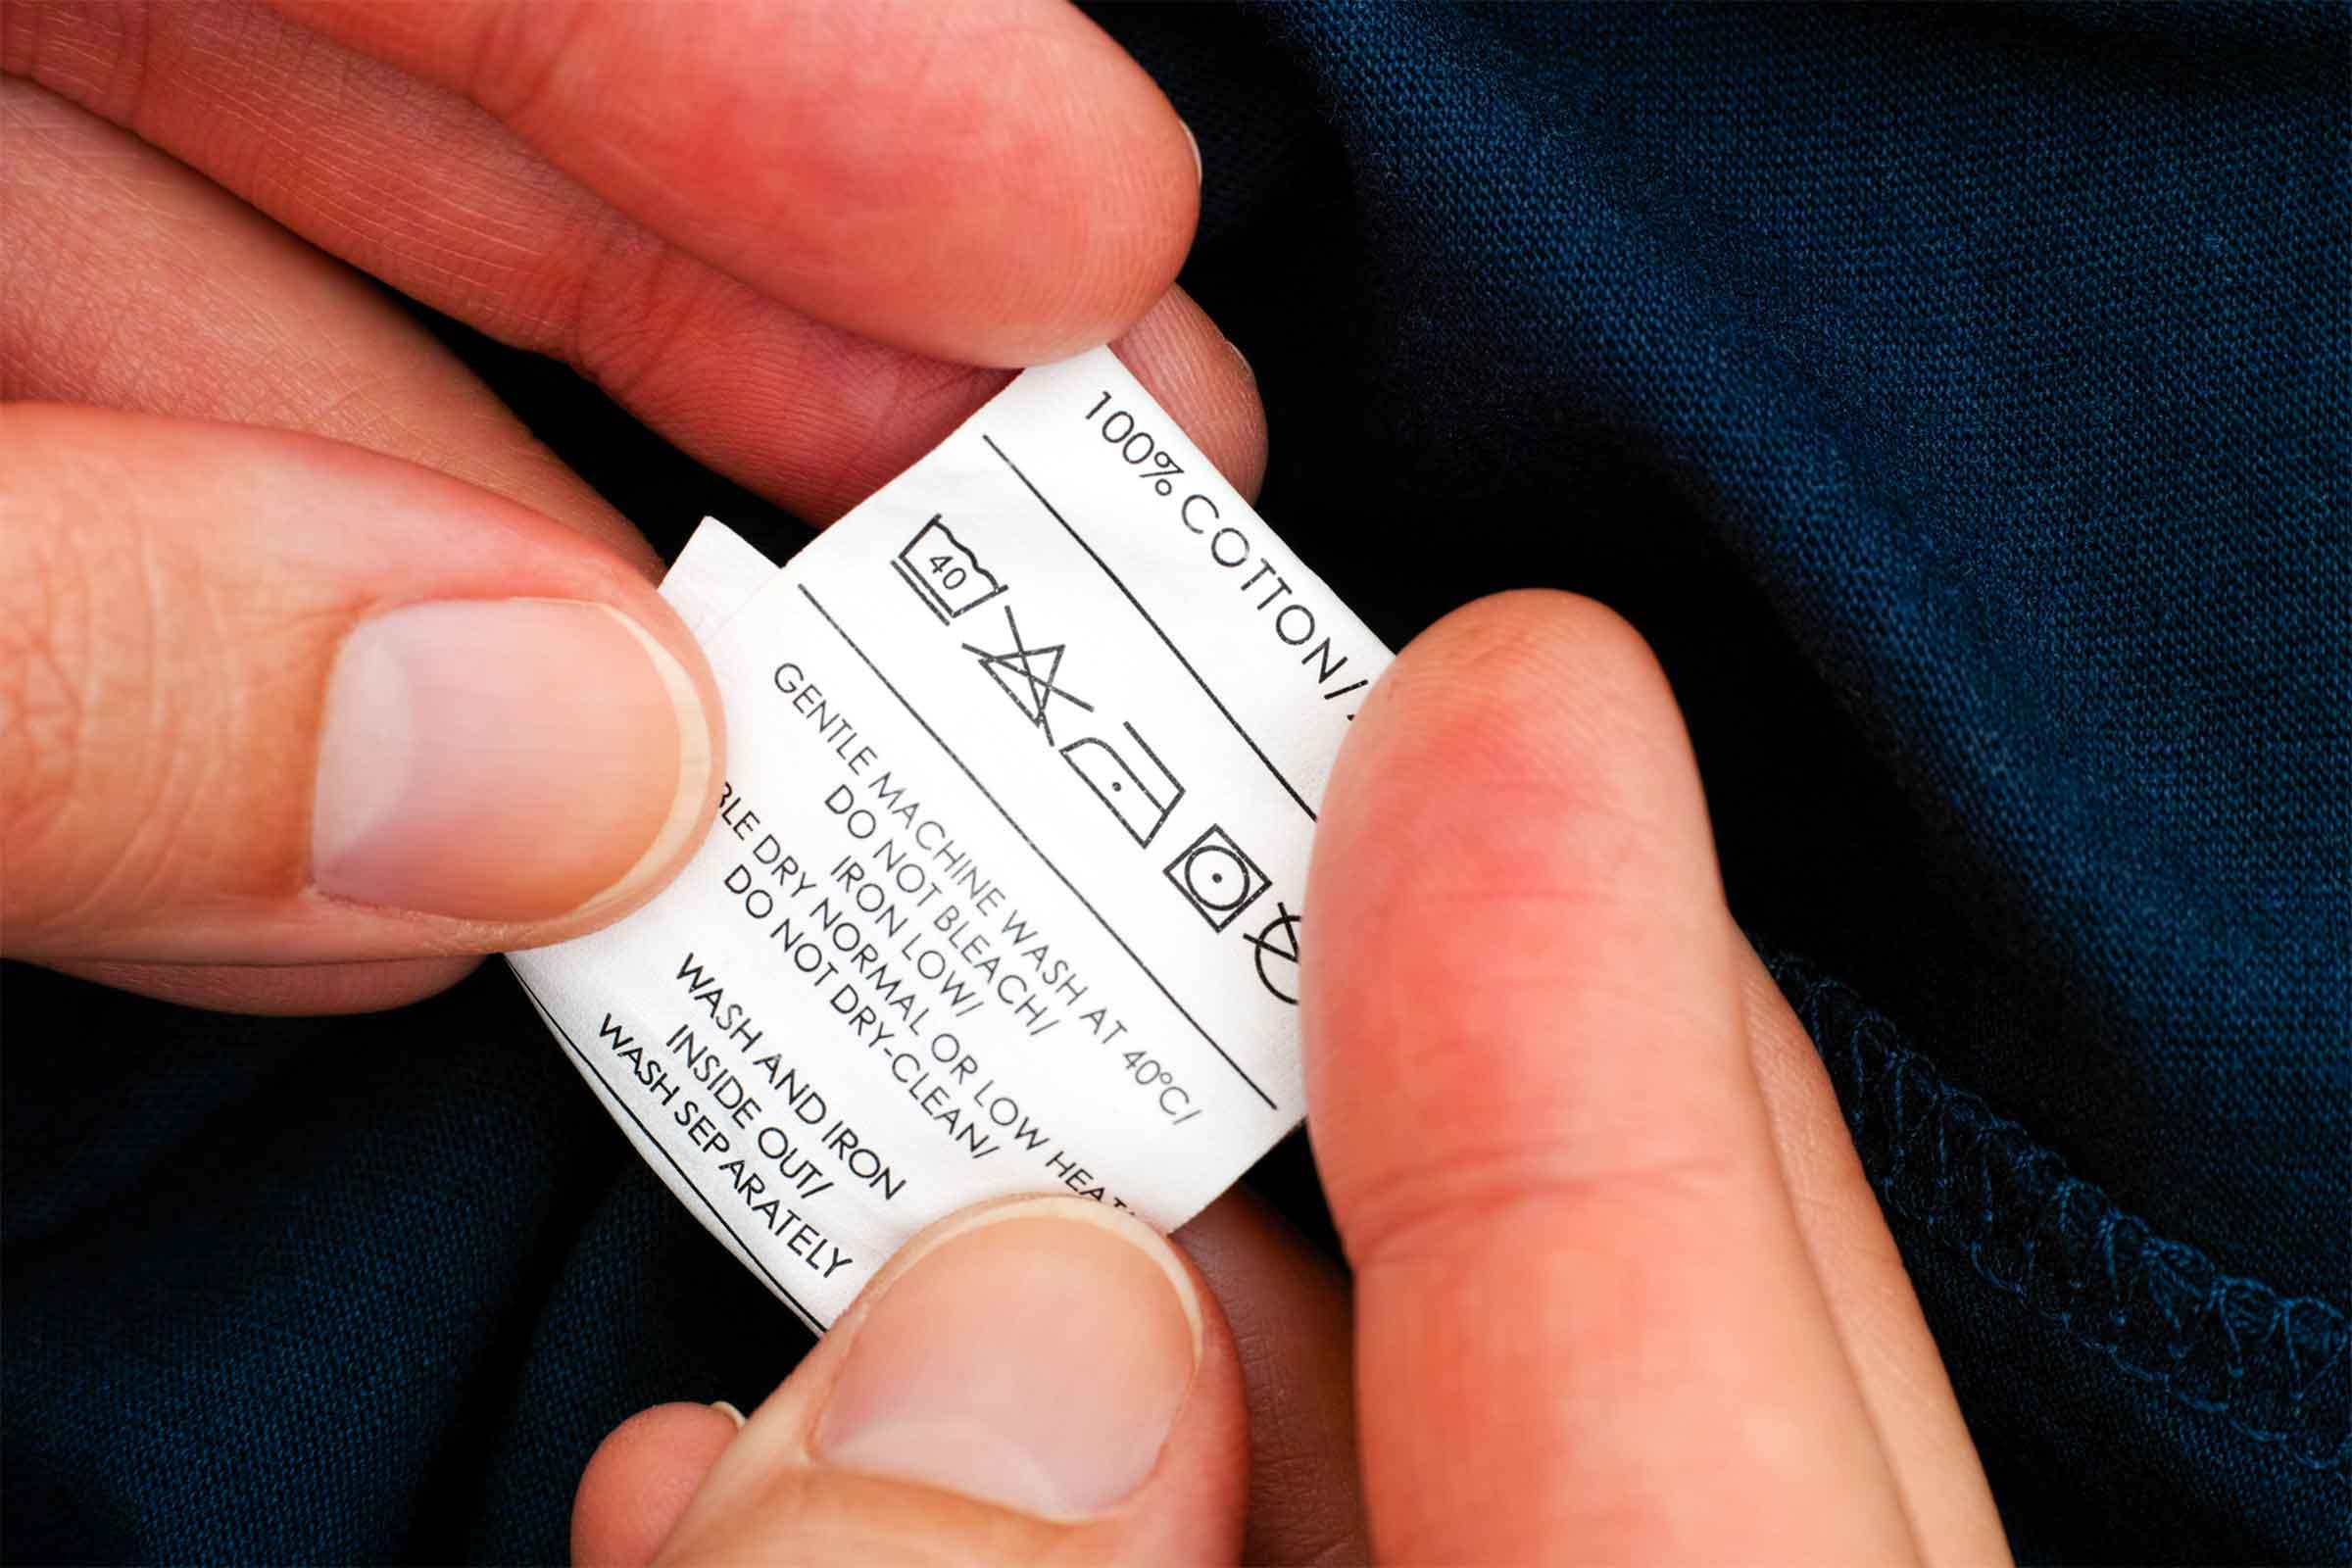 Kiểm tra tag trước khi xử lý quần áo hàng thùng